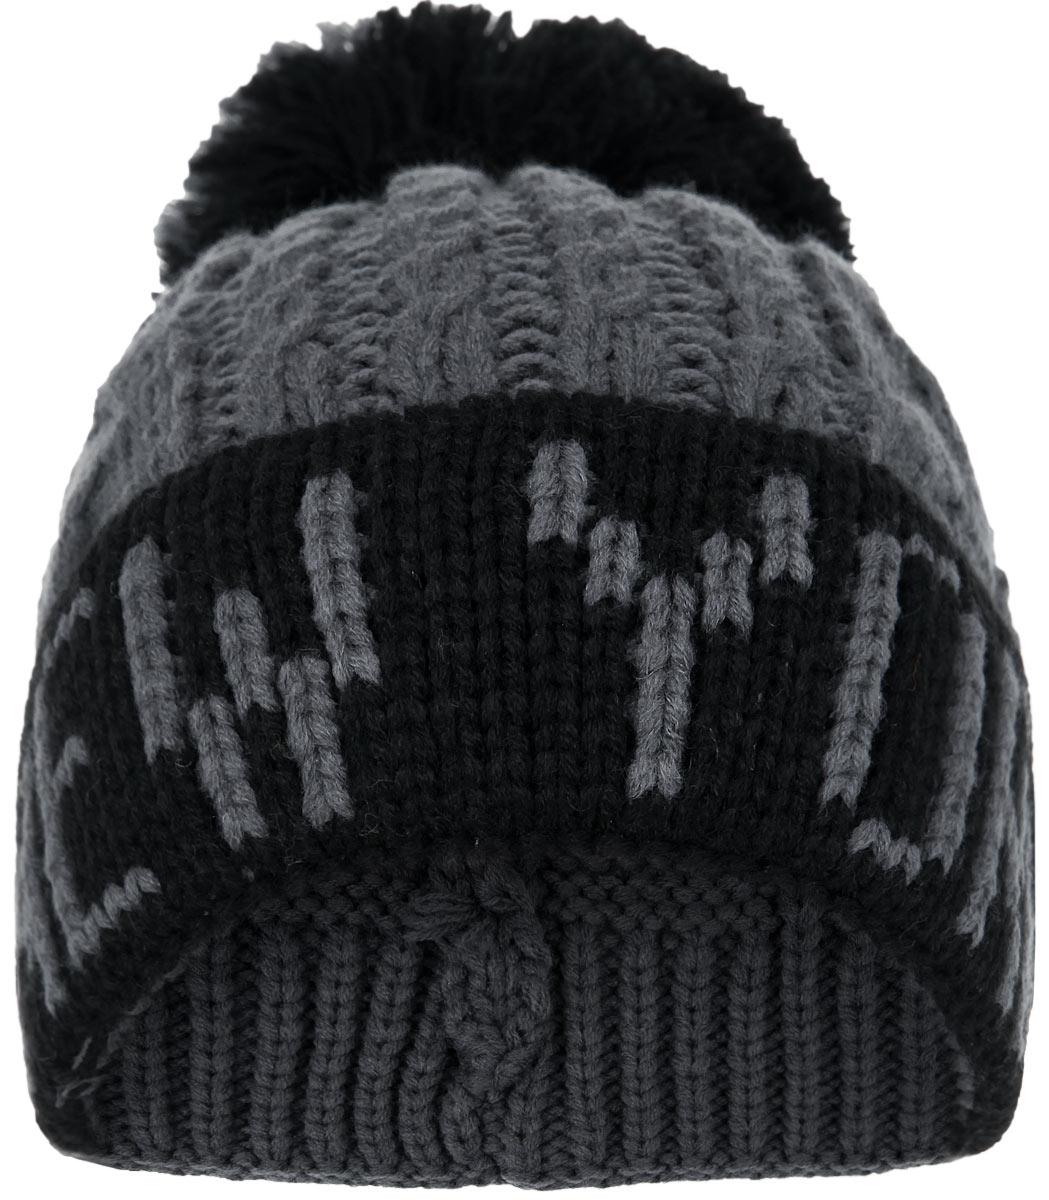 Шапка New York. HNY155HNY155-AСтильная шапка Robin Ruth с вязаной надписью New York приятно дополнит ваш образ в холодную погоду. Шапка подходит для повседневной носки и для активного зимнего отдыха, а также в качестве подарка вашим родным и знакомым. Шапка оформлена помпоном и отворотом. Теплая шапка станет отличным дополнением к вашему гардеробу, в ней вам будет уютно и тепло!